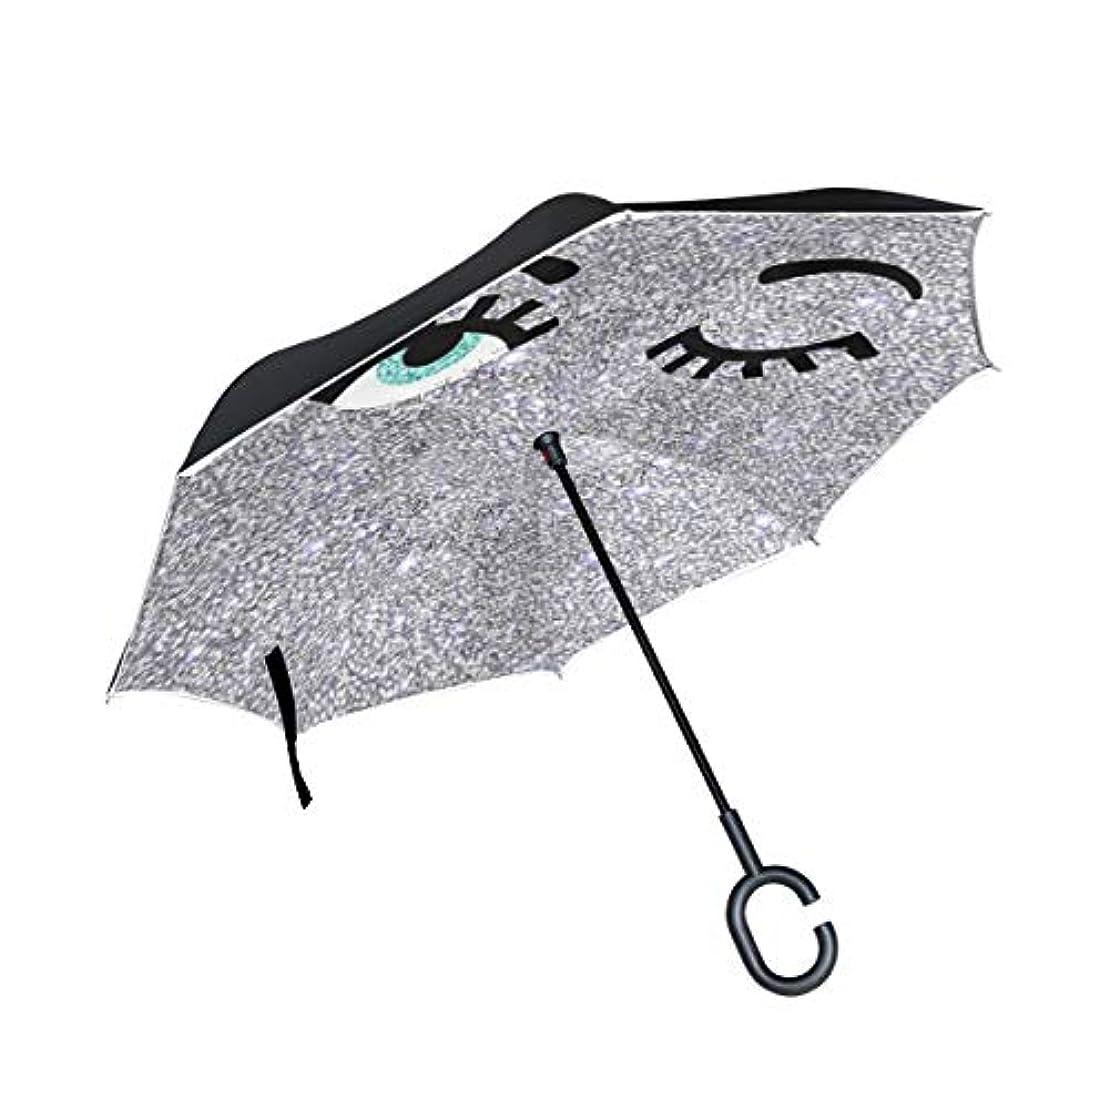 添加剤反映する必要性逆傘 逆さ傘 長傘 日傘 逆折り式傘 晴雨兼用 梅雨対策 UVカット 耐強風 C型 二重構造 車用 絵文字